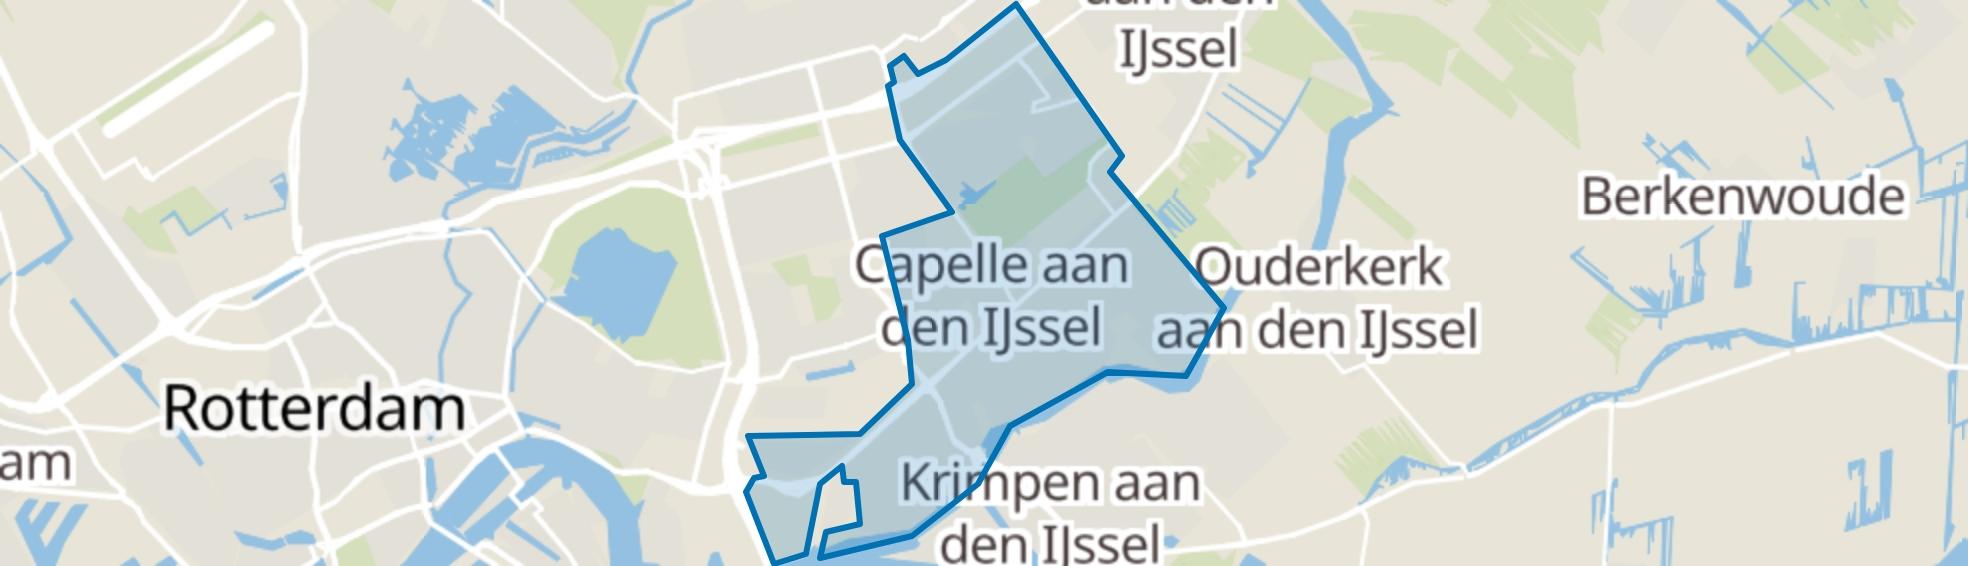 Capelle aan den IJssel map